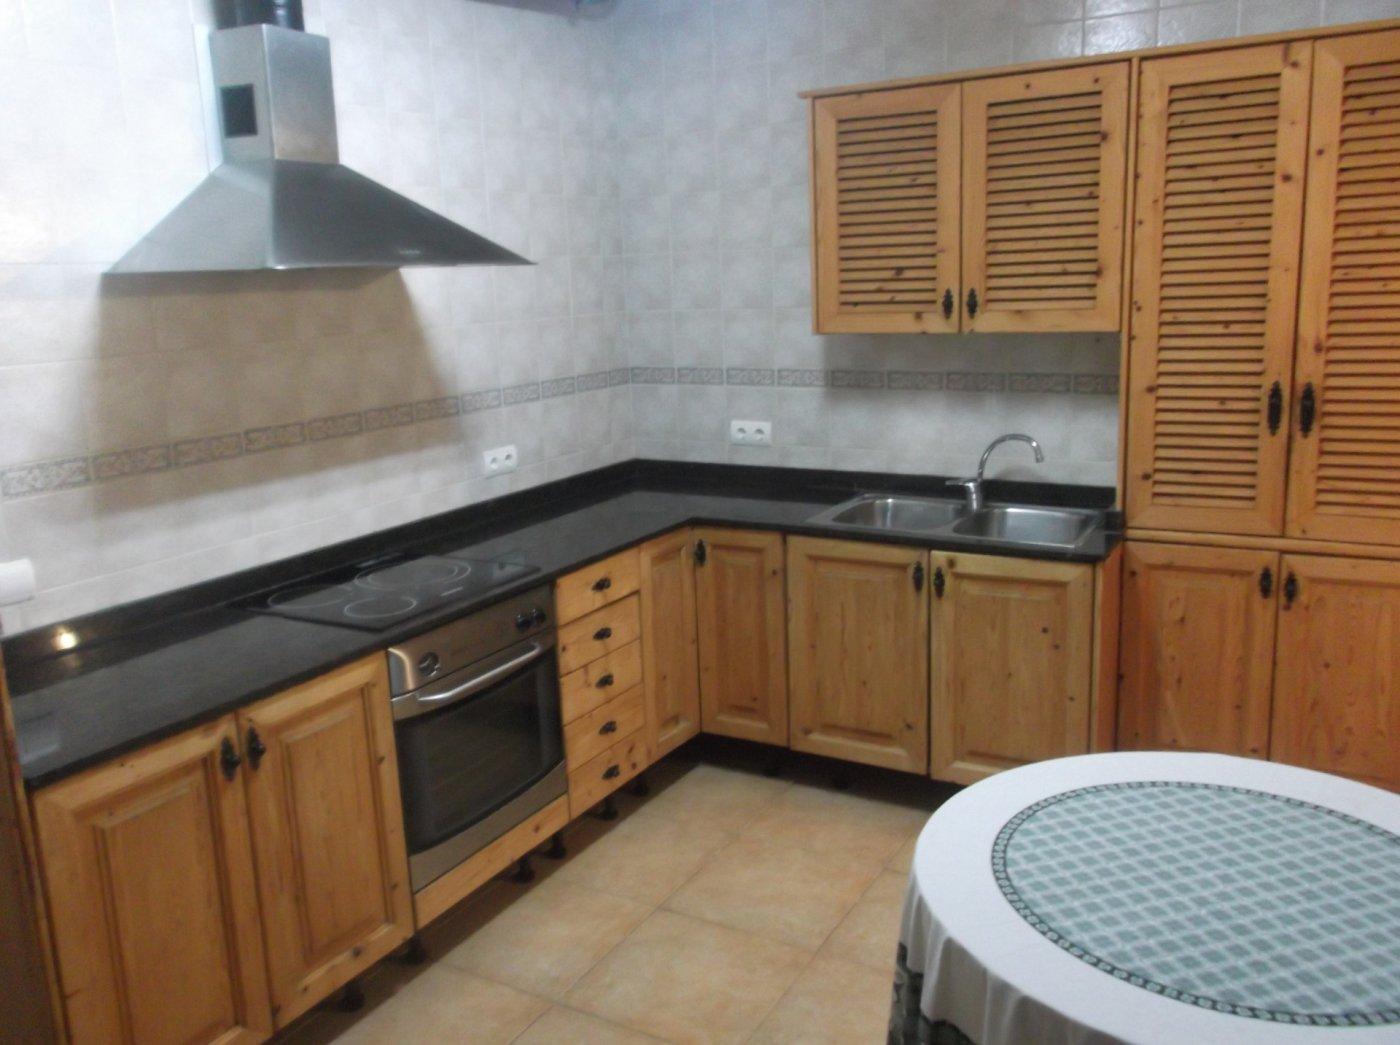 En venta casa de pueblo reformada 3 alturas estilo mallorquin centro llucmajor - imagenInmueble33